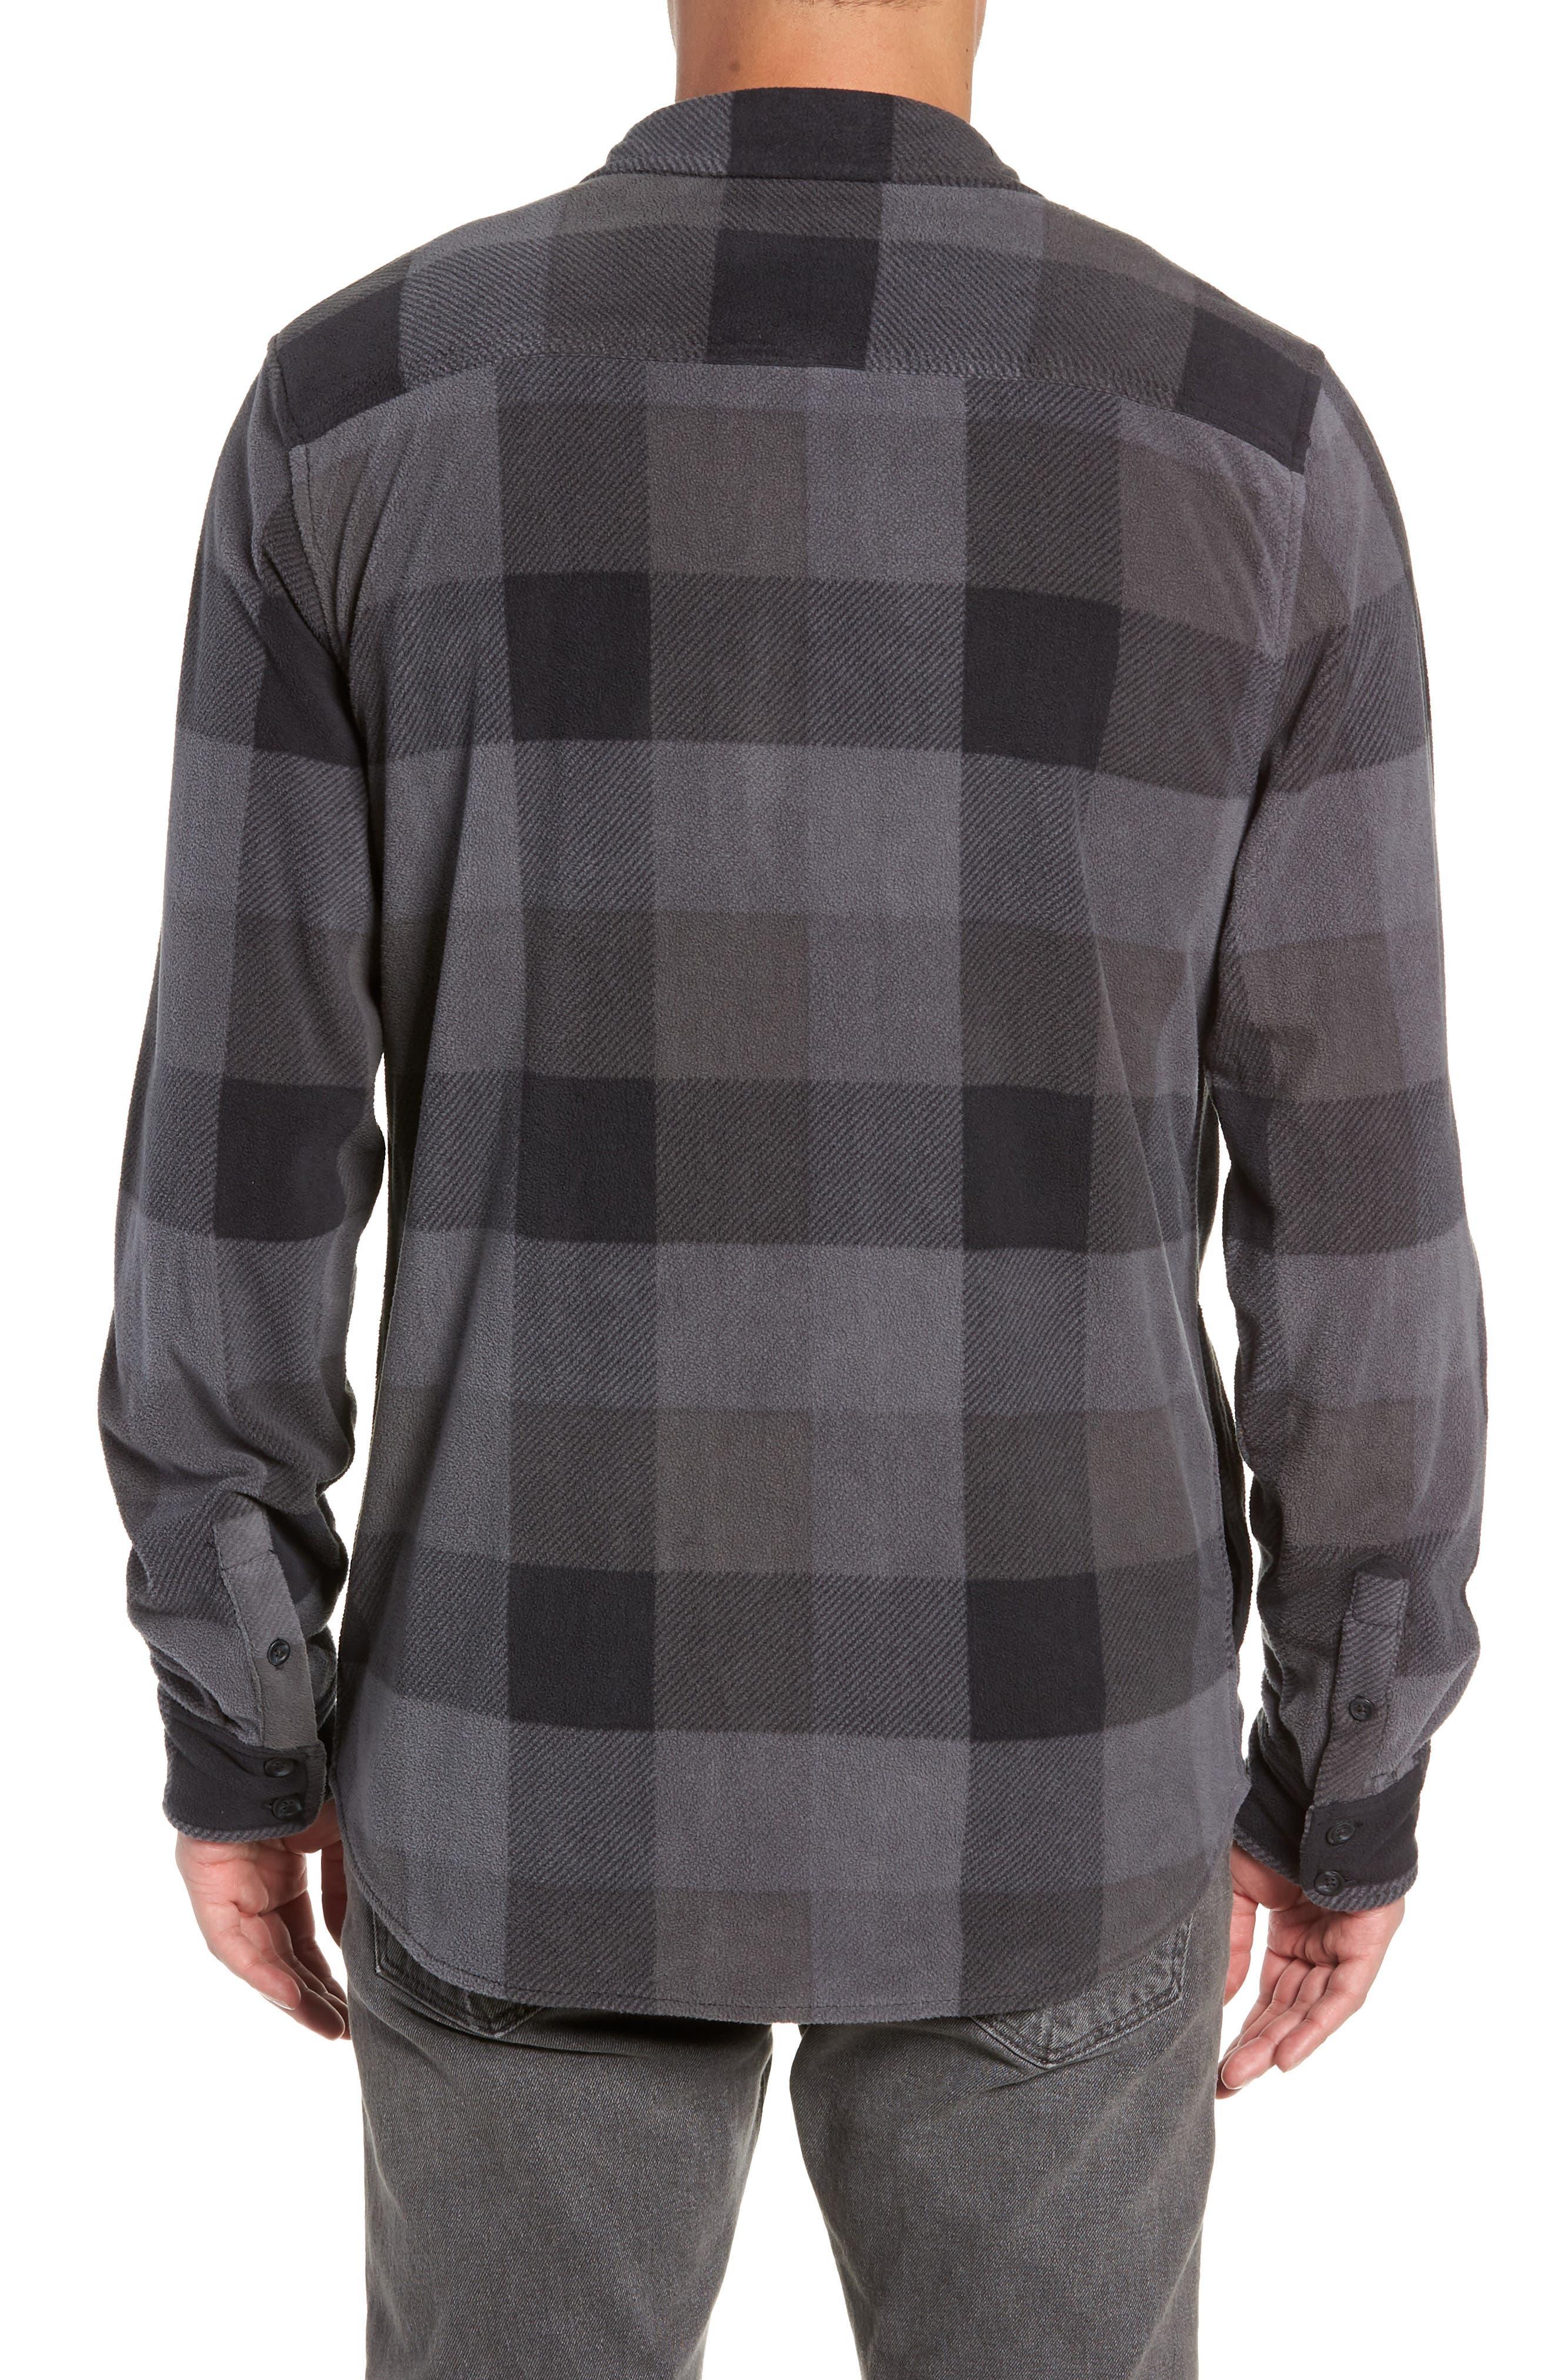 Hillcrest Polar Fleece Shirt Jacket,                             Alternate thumbnail 2, color,                             BLACK/ CHARCOAL